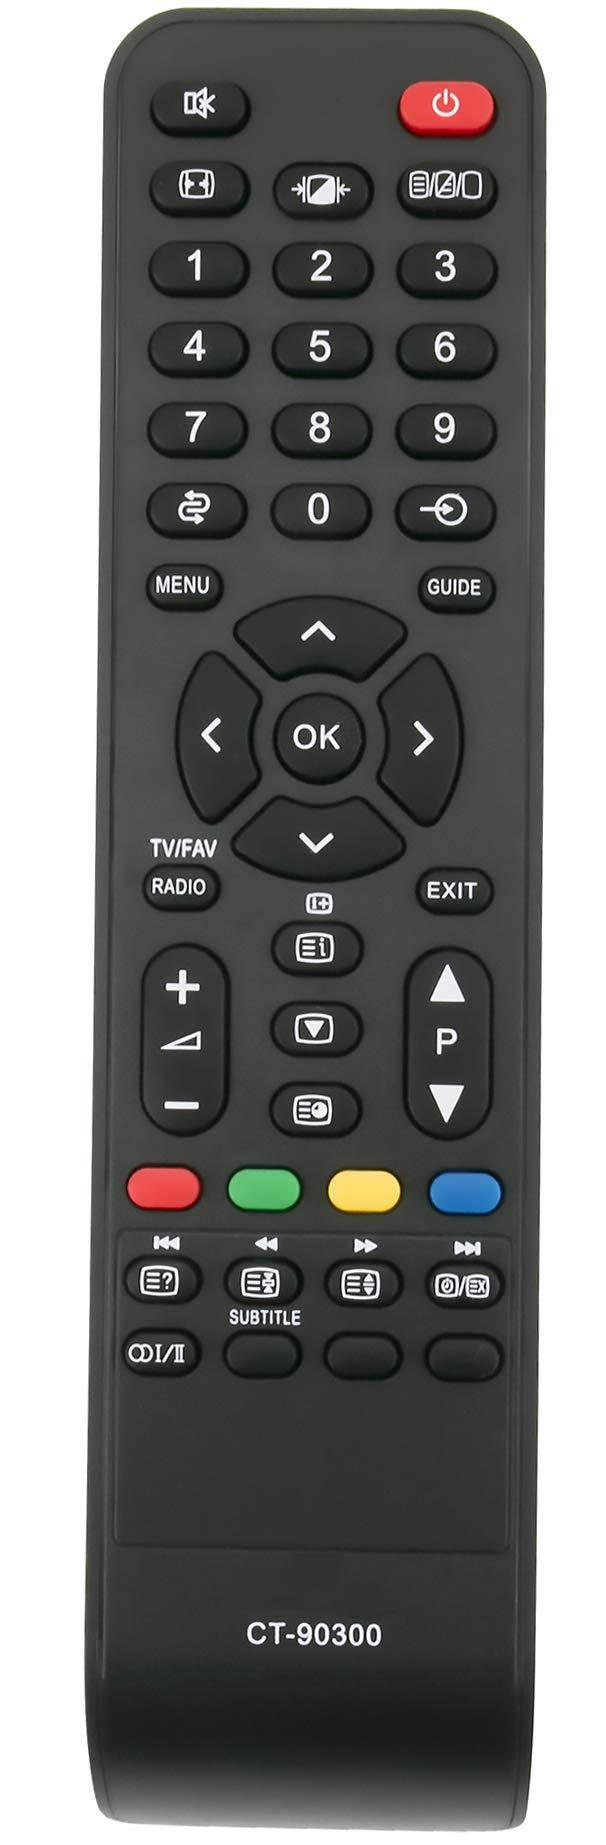 ALLIMITY CT-90300 Mando a Distancia reemplazado por Toshiba REGZA LCD TV 19AV505D 26AV505 26AV505D 32AV503D 32AV505 32AV505D 32AV515D 32AV555D 32AV563D 37AV504D 37AV505D 37AV555D: Amazon.es: Electrónica